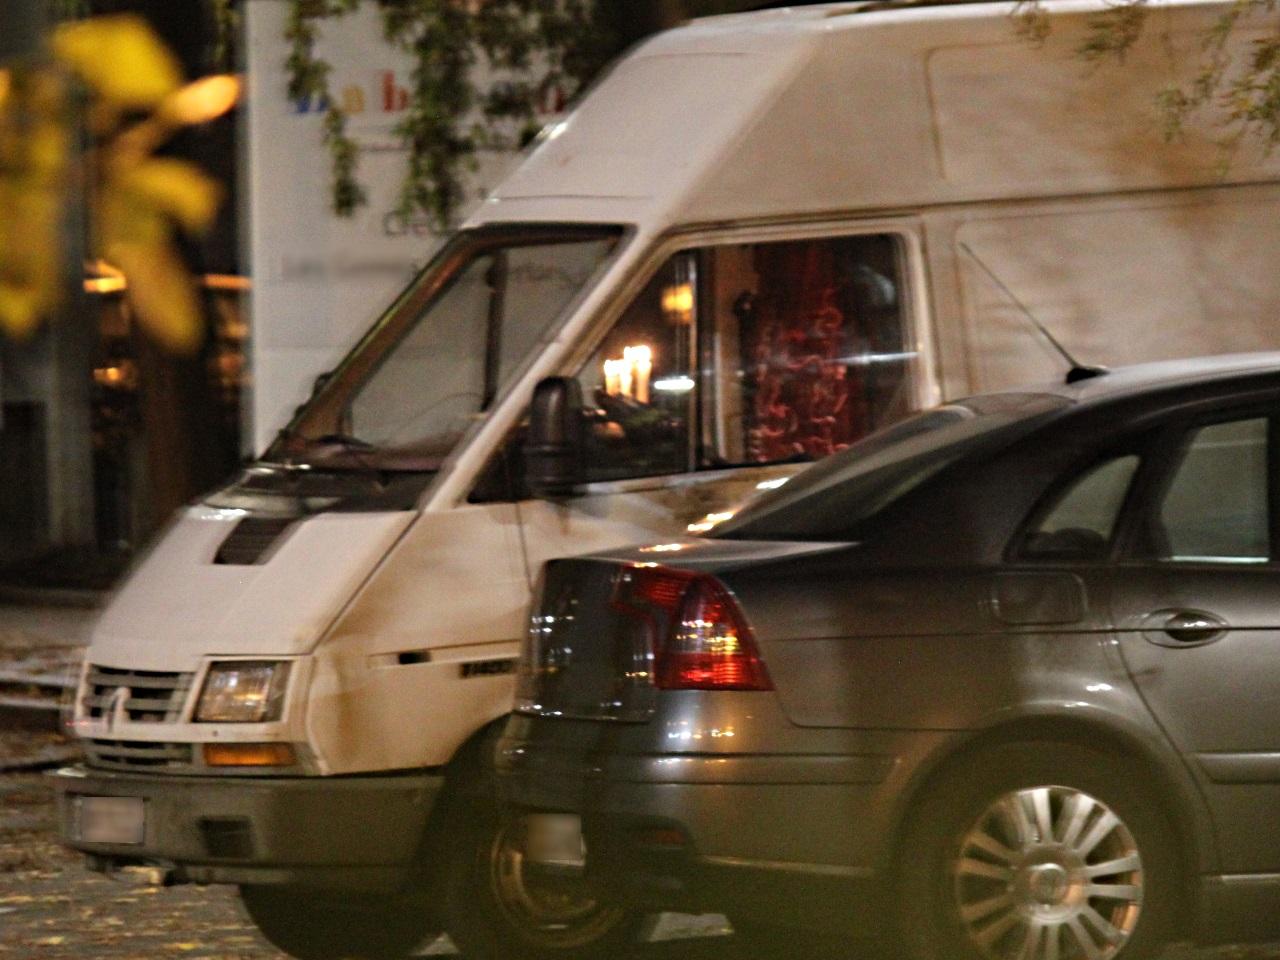 lyon 7e deux nig rians arr t s pour avoir lou des camions des prostitu es. Black Bedroom Furniture Sets. Home Design Ideas